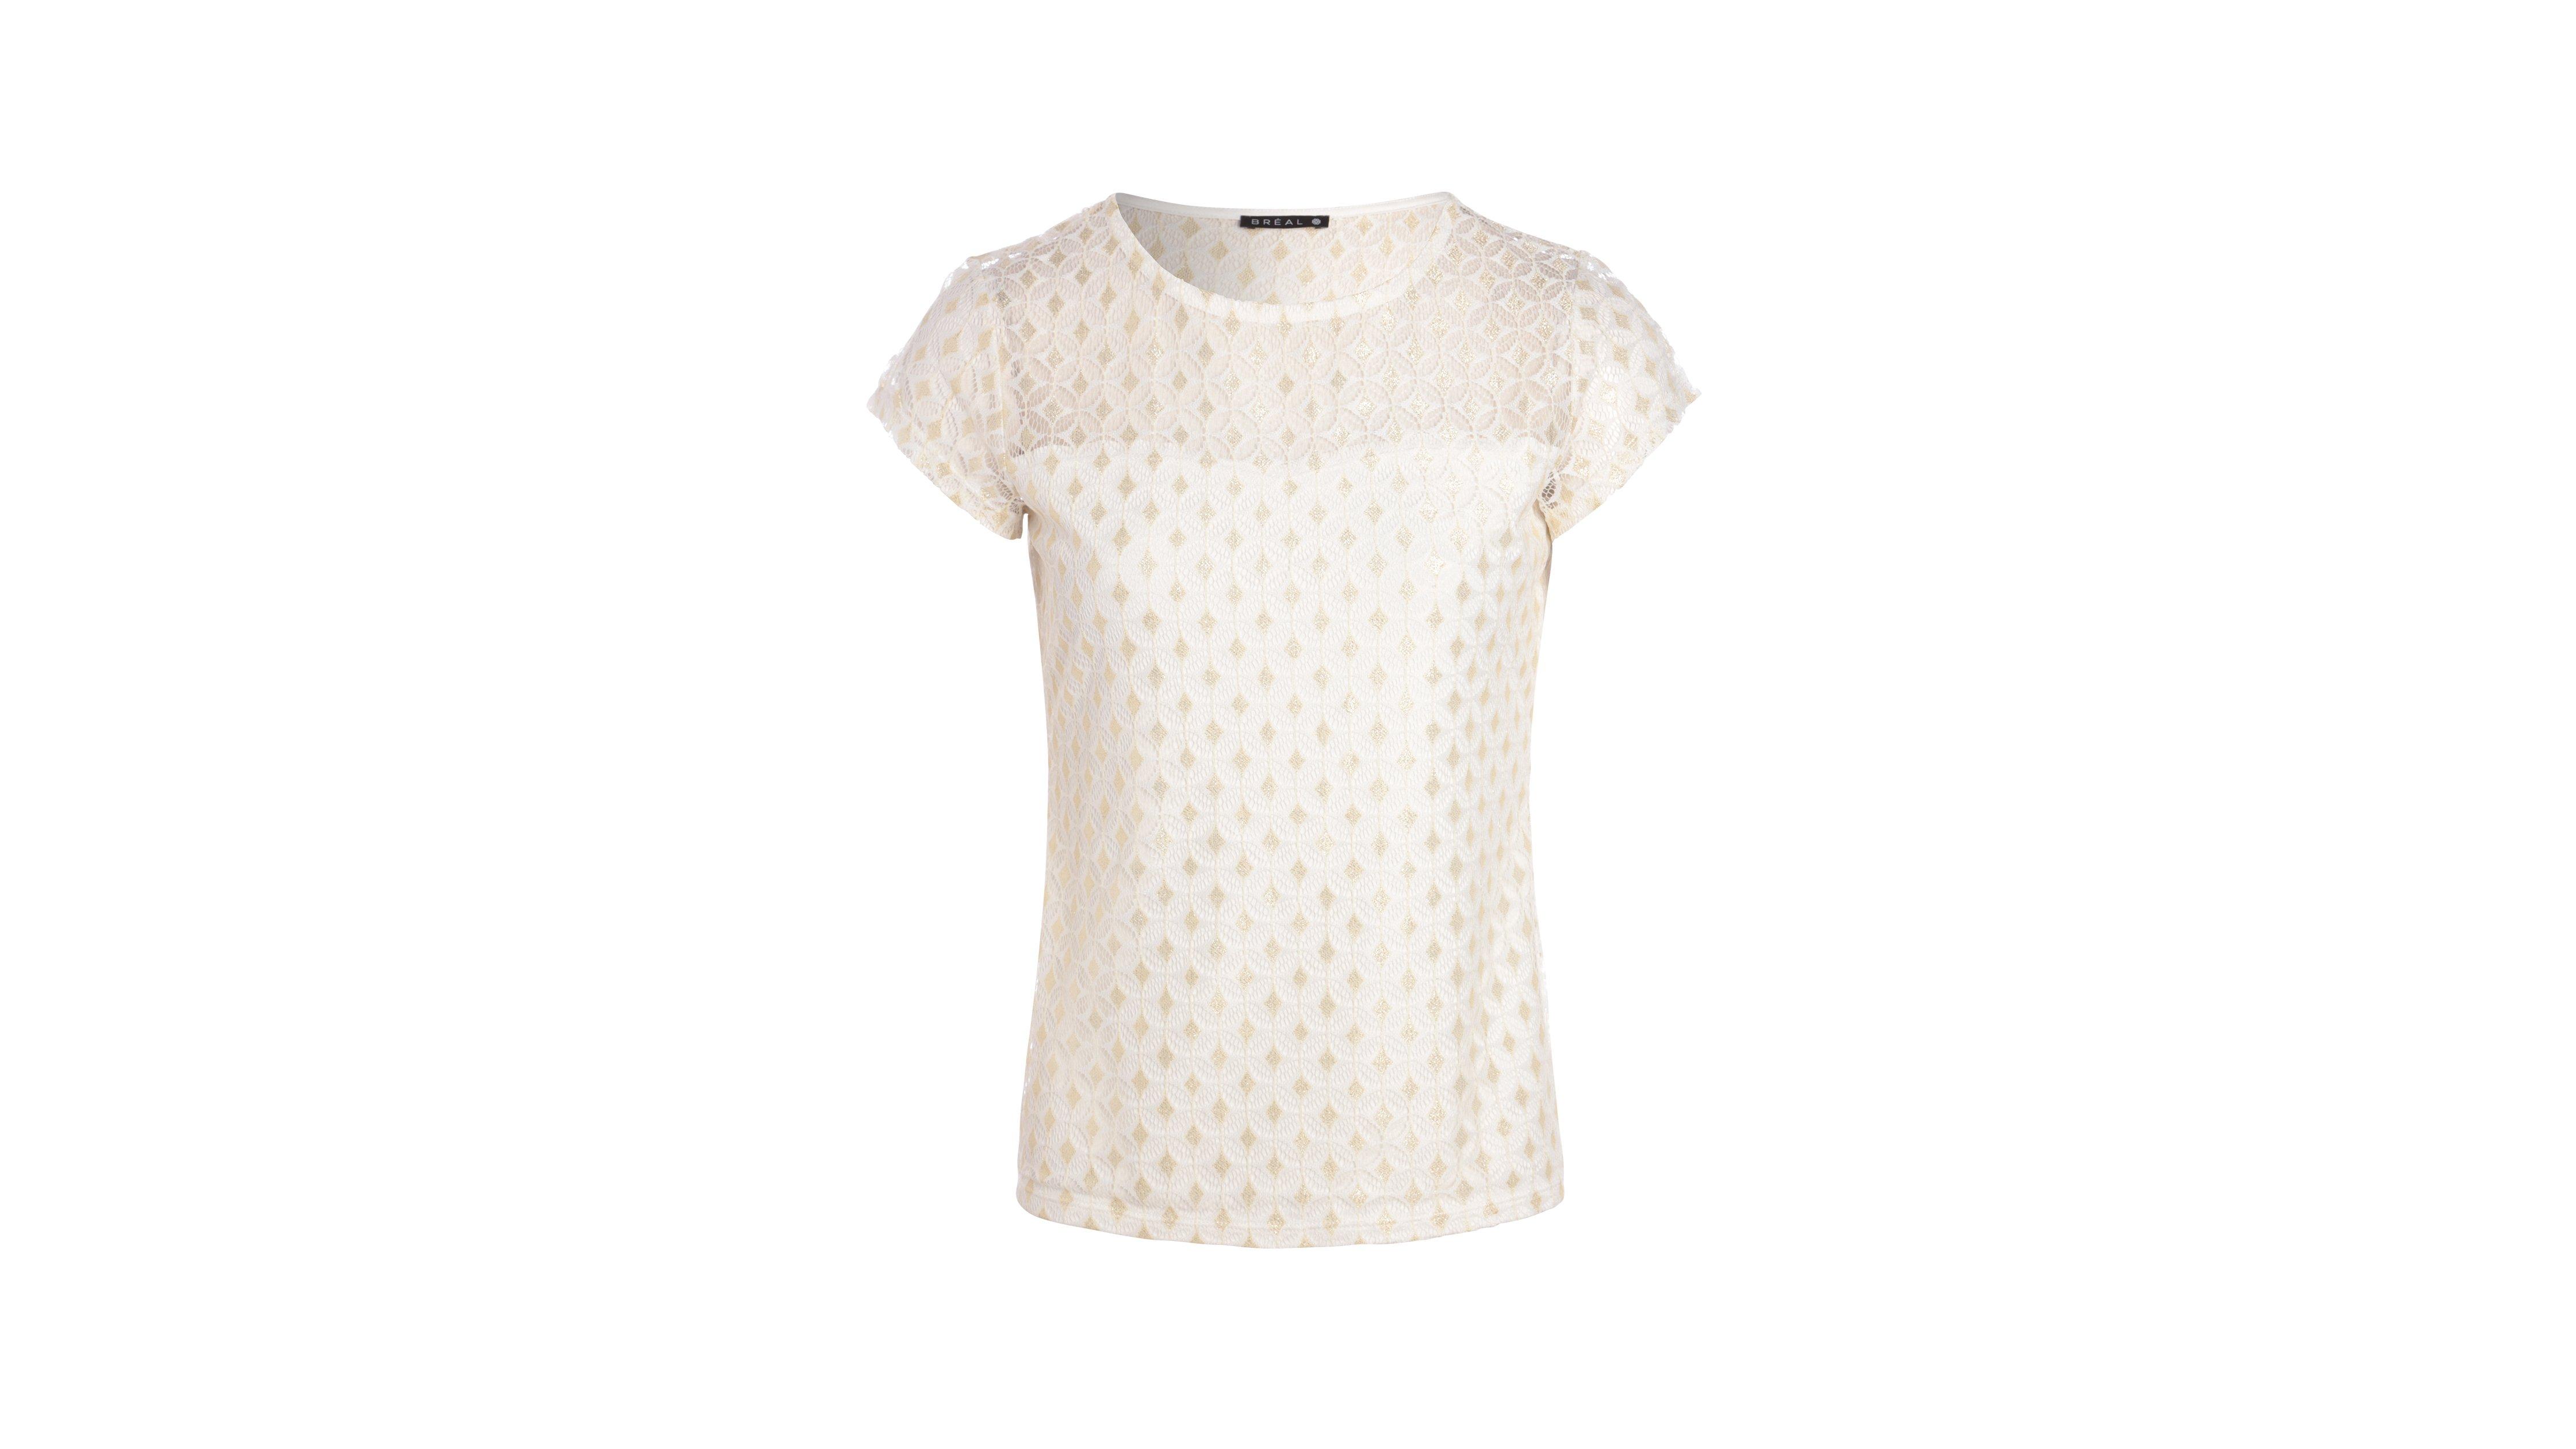 Brillante Maille Ecru T Shirt Uni Femme wPiuXZOTkl